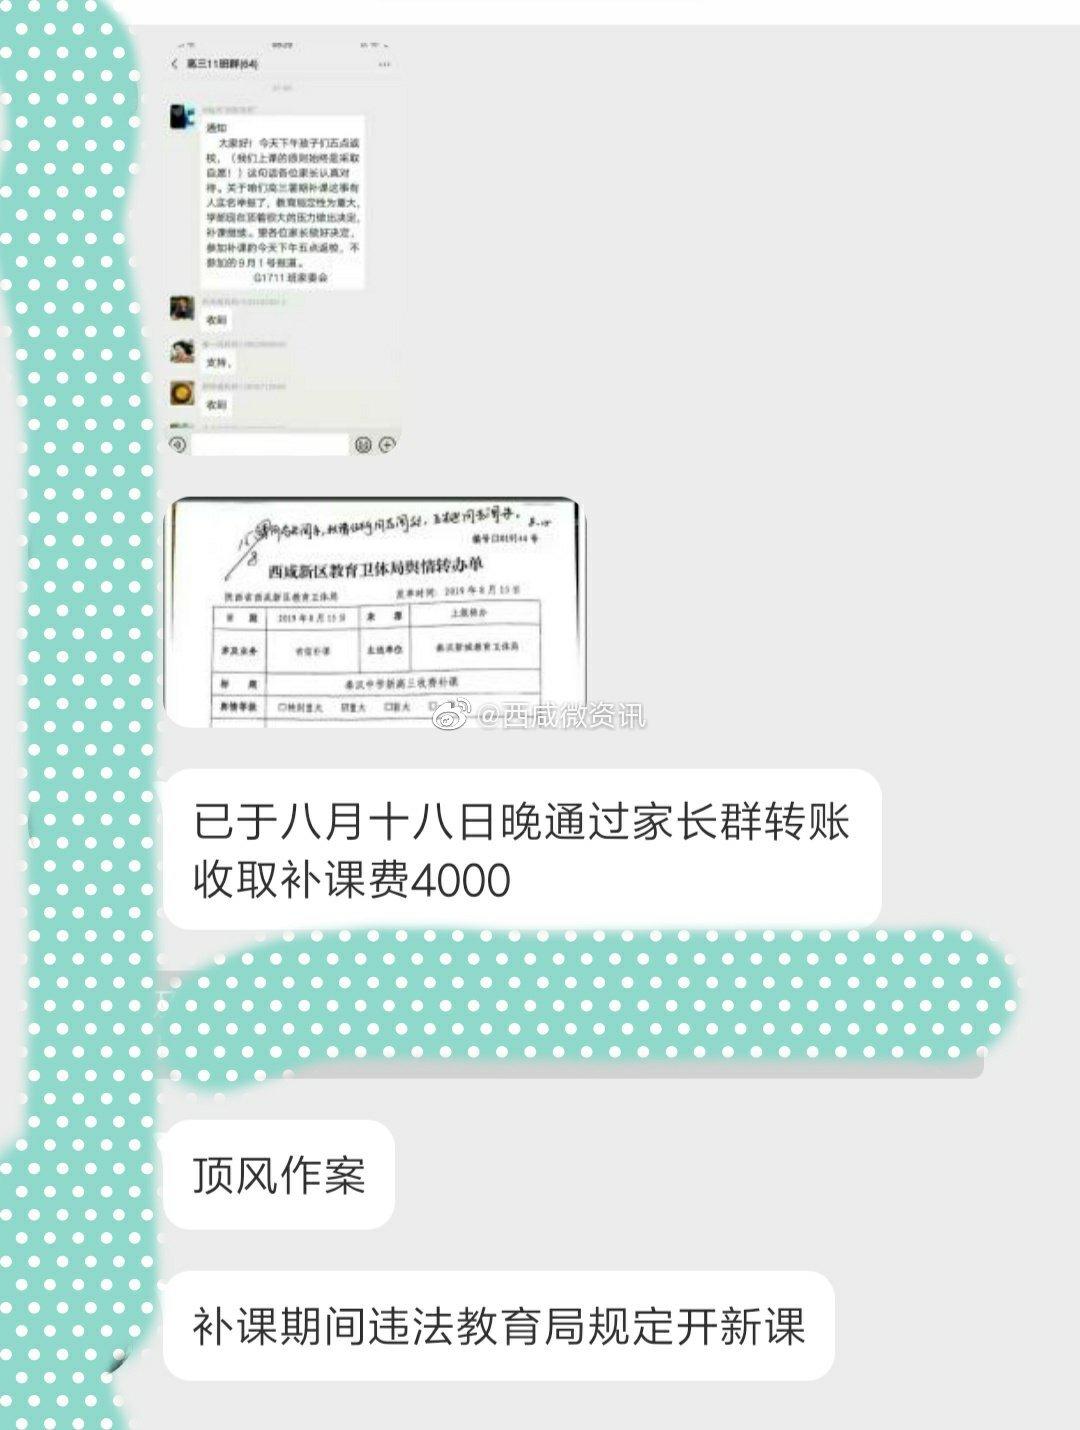 网友爆料称,秦汉中学暑期补课,被教育局发文叫停后,仍然顶风作案